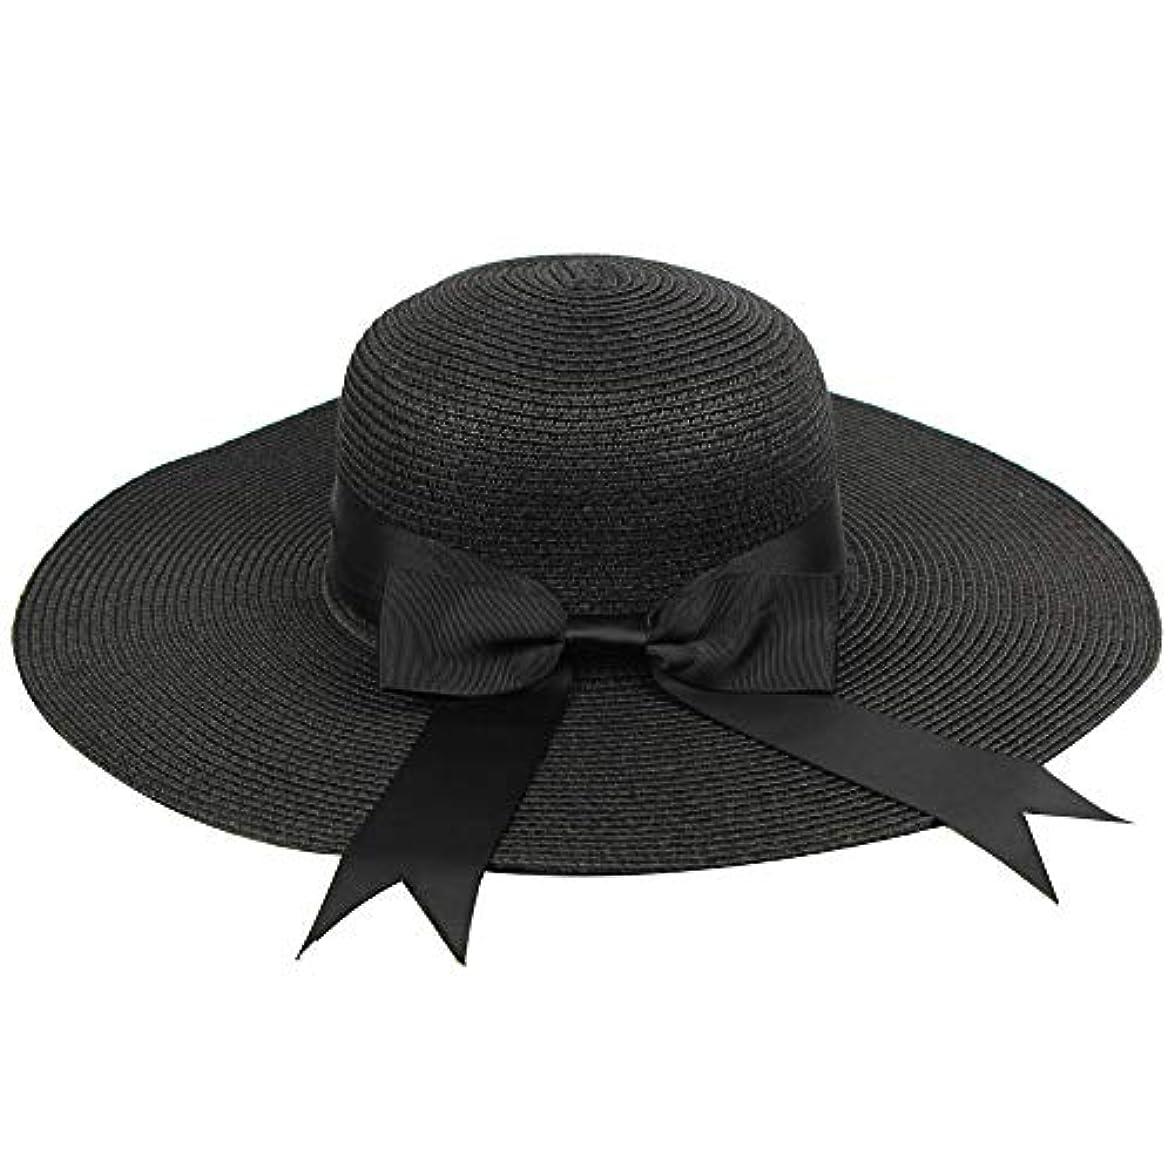 ジョグ病的送信するUVカット 帽子 ハット レディース 紫外線対策 日焼け防止 軽量 熱中症予防 取り外すあご紐 つば広 おしゃれ 広幅 小顔効果抜群 折りたたみ サイズ調節可 旅行 調節テープ 吸汗通気 紫外線対策 ROSE ROMAN